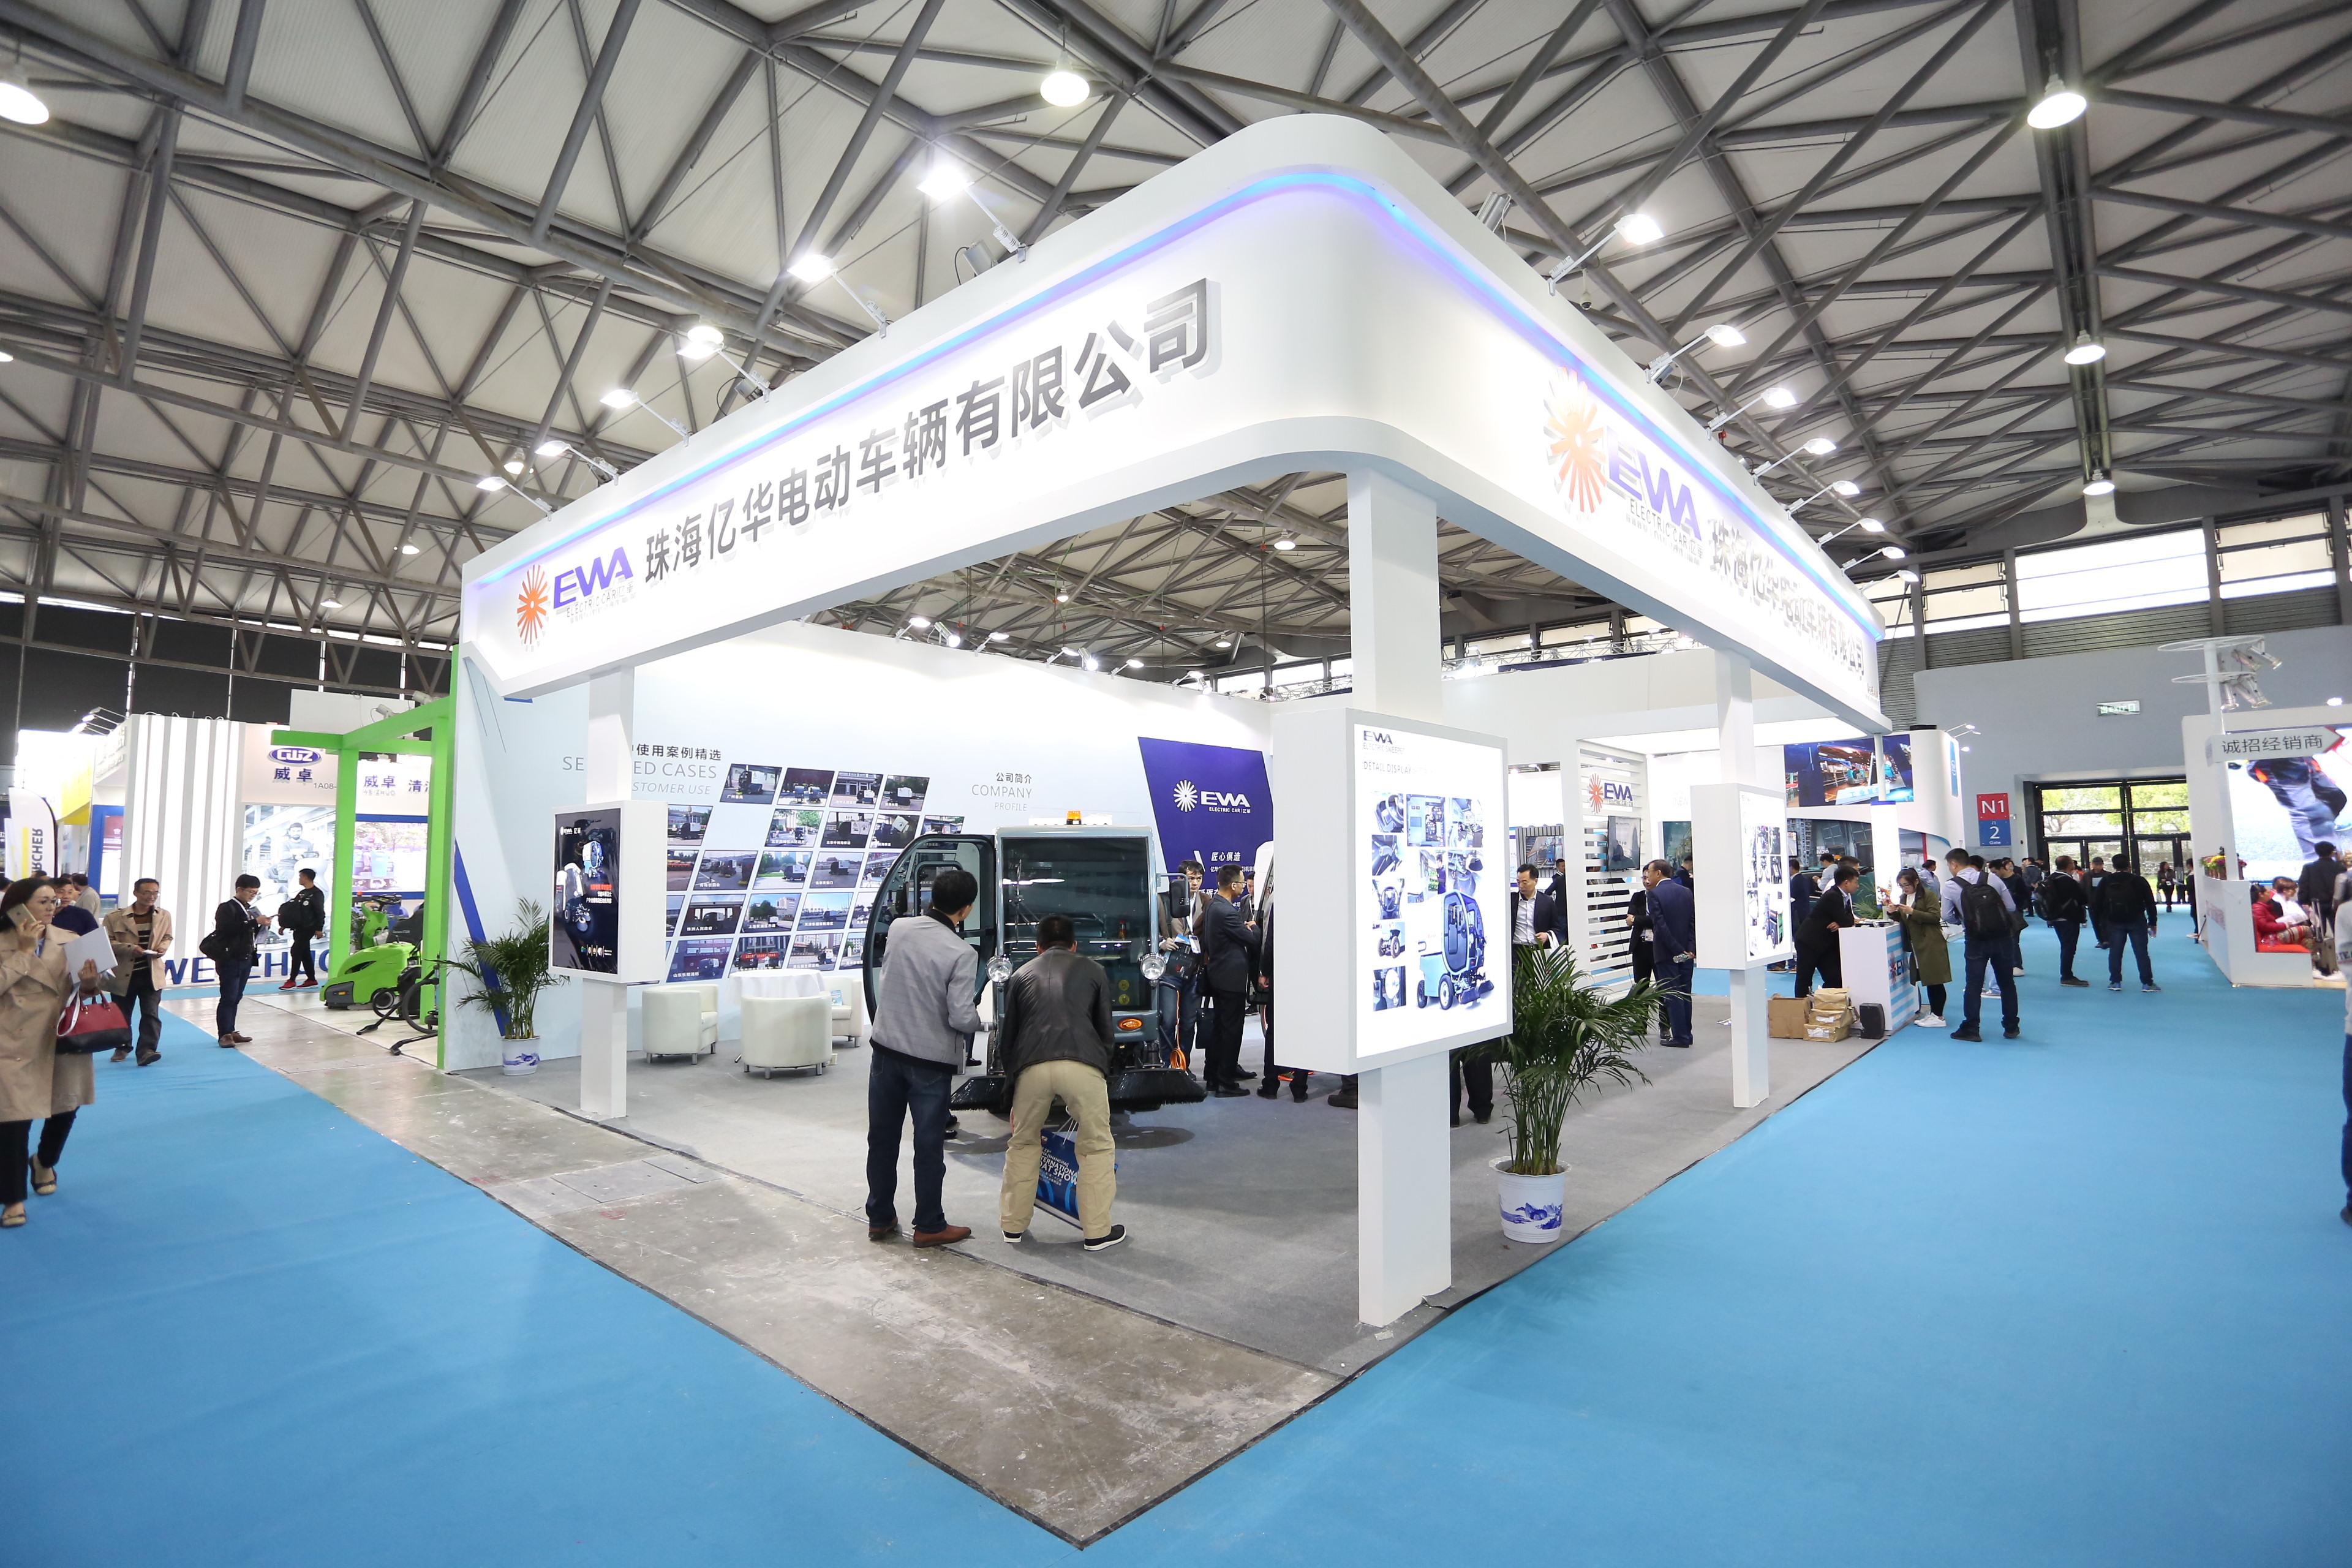 2017上海国际清洁技术与设备博览会 现场集锦2